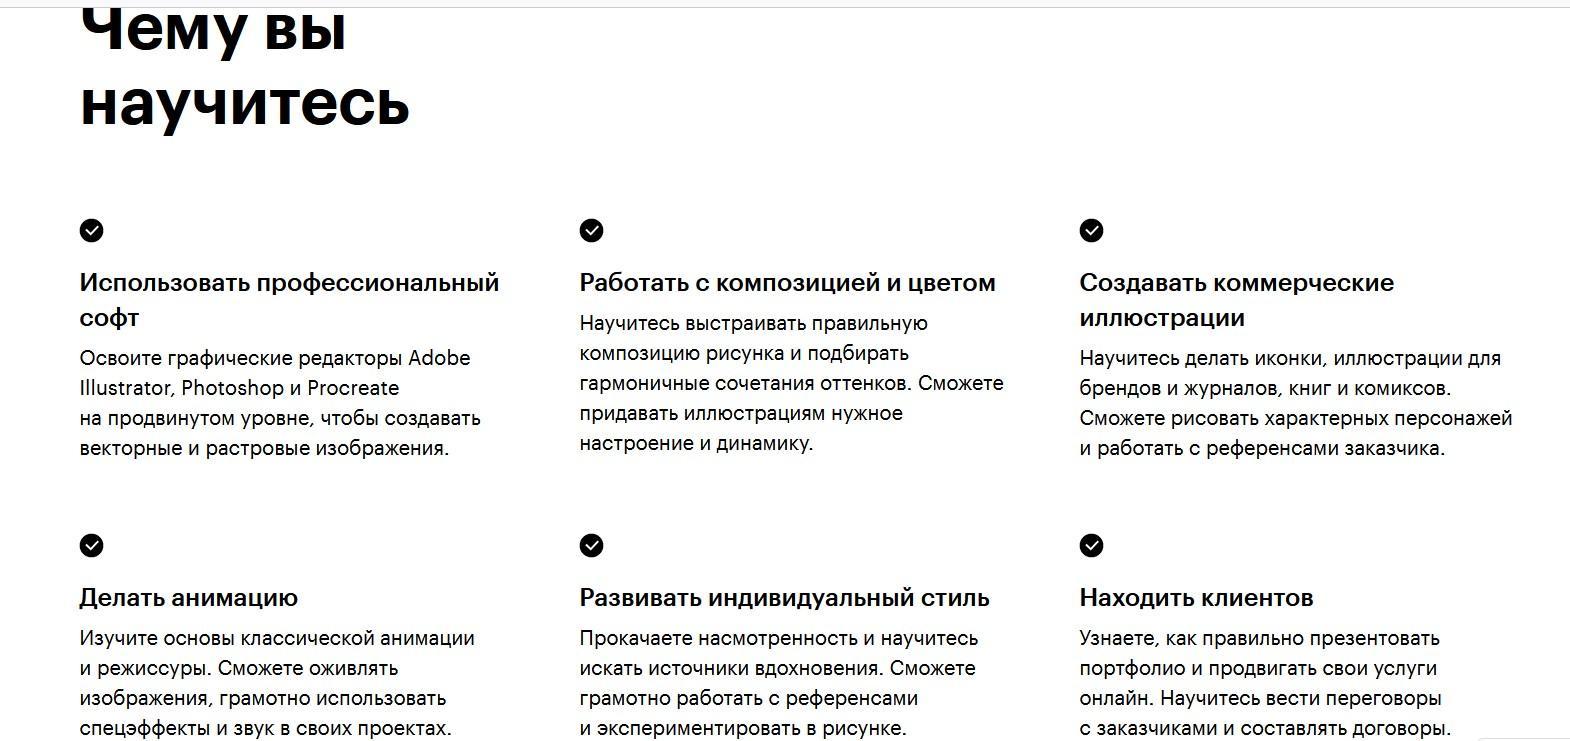 kommercheskiy illyustrator 4